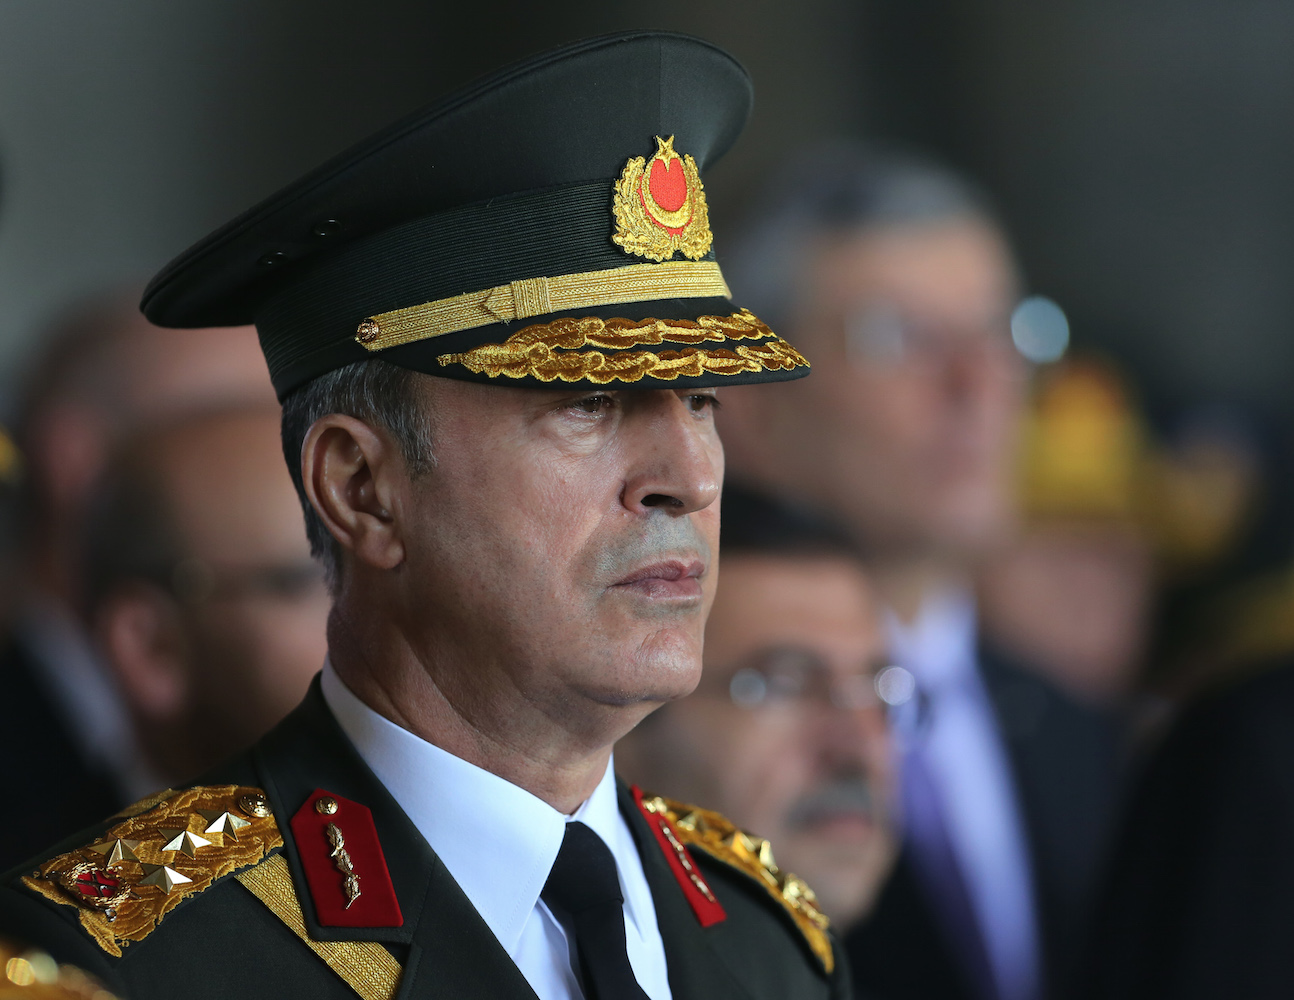 رئيس الأركان التركي يزور إيطاليا